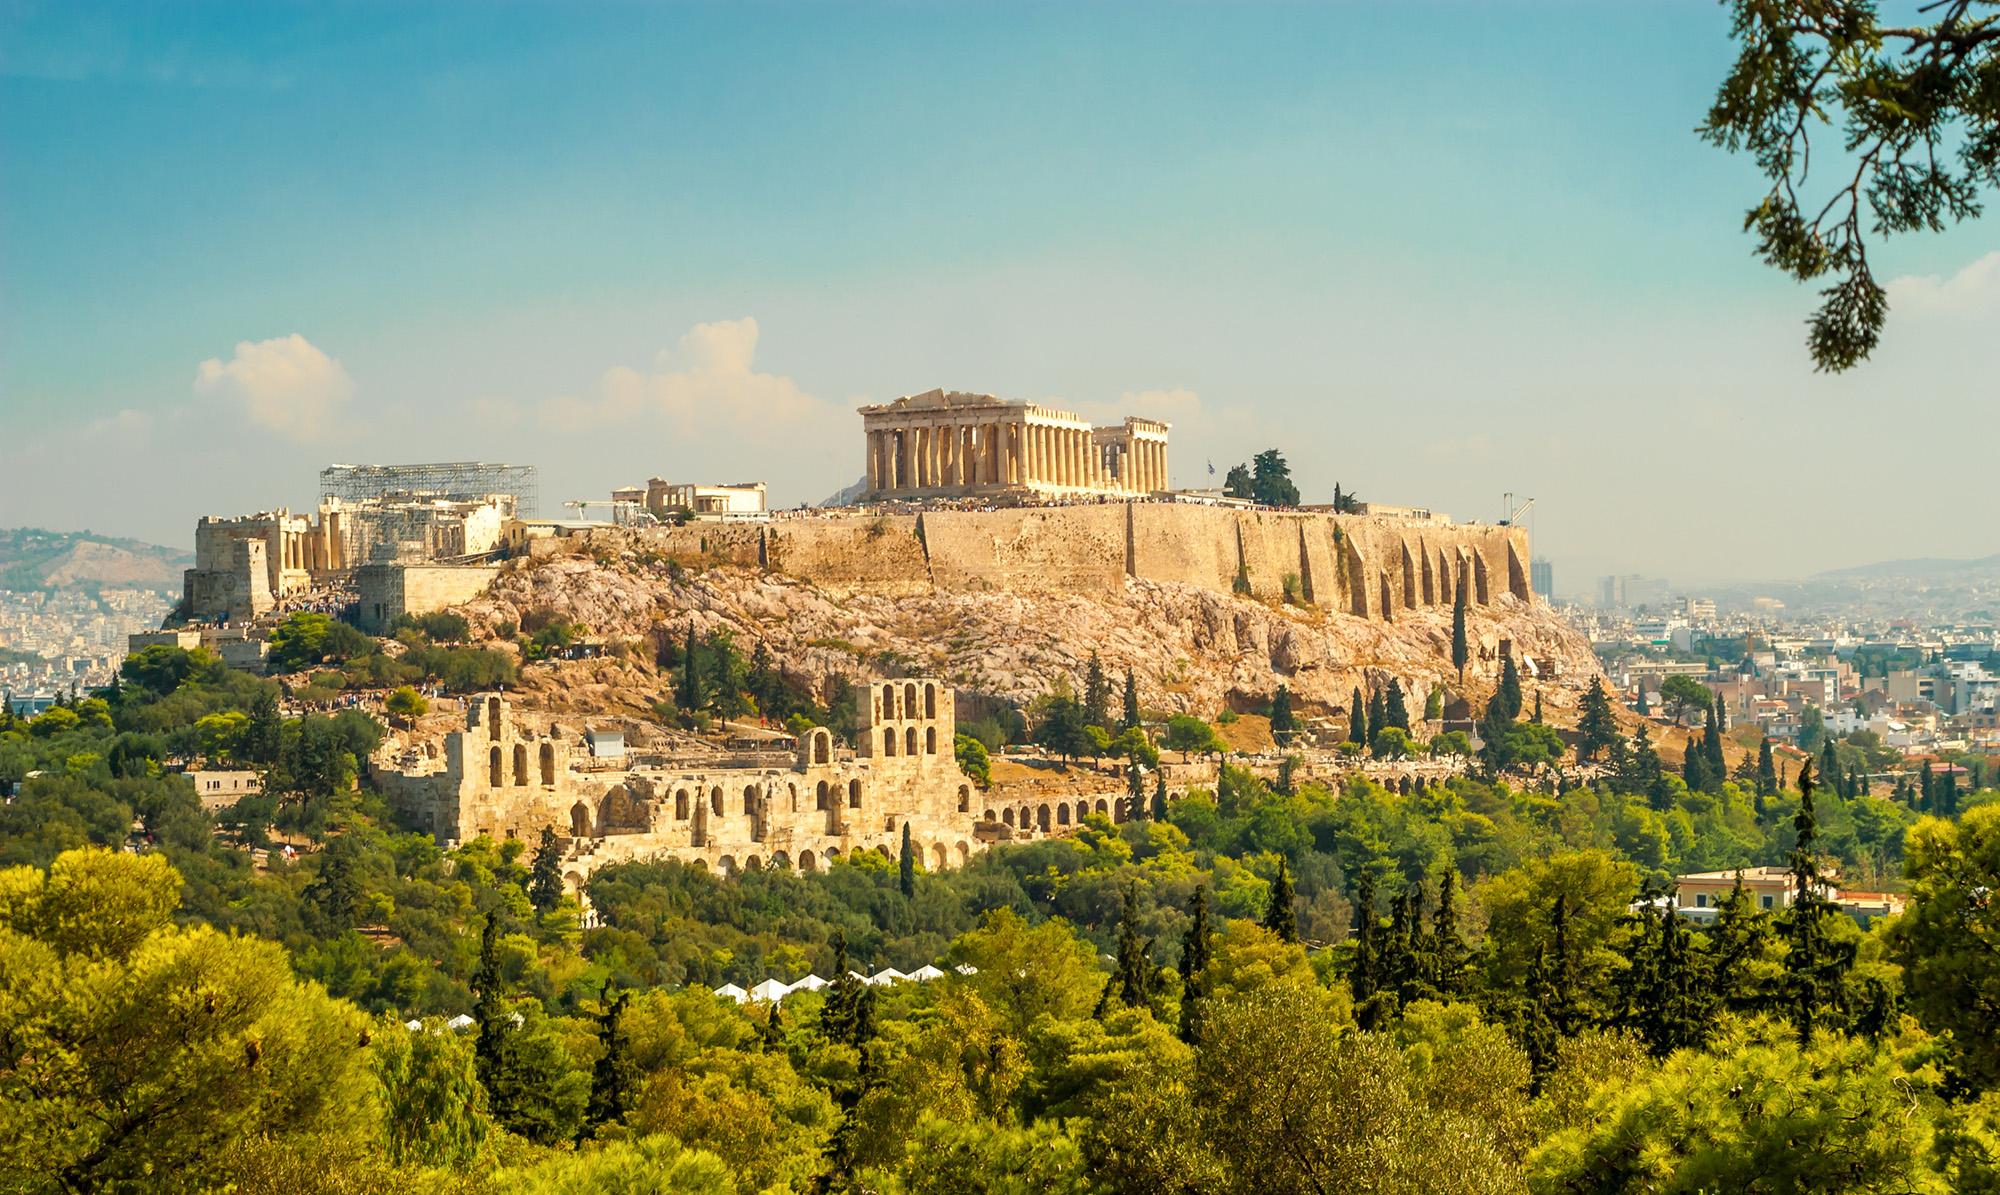 Tourisme : La Grèce va rouvrir ses hôtels et restaurants dès le 1er juin - Routard.com